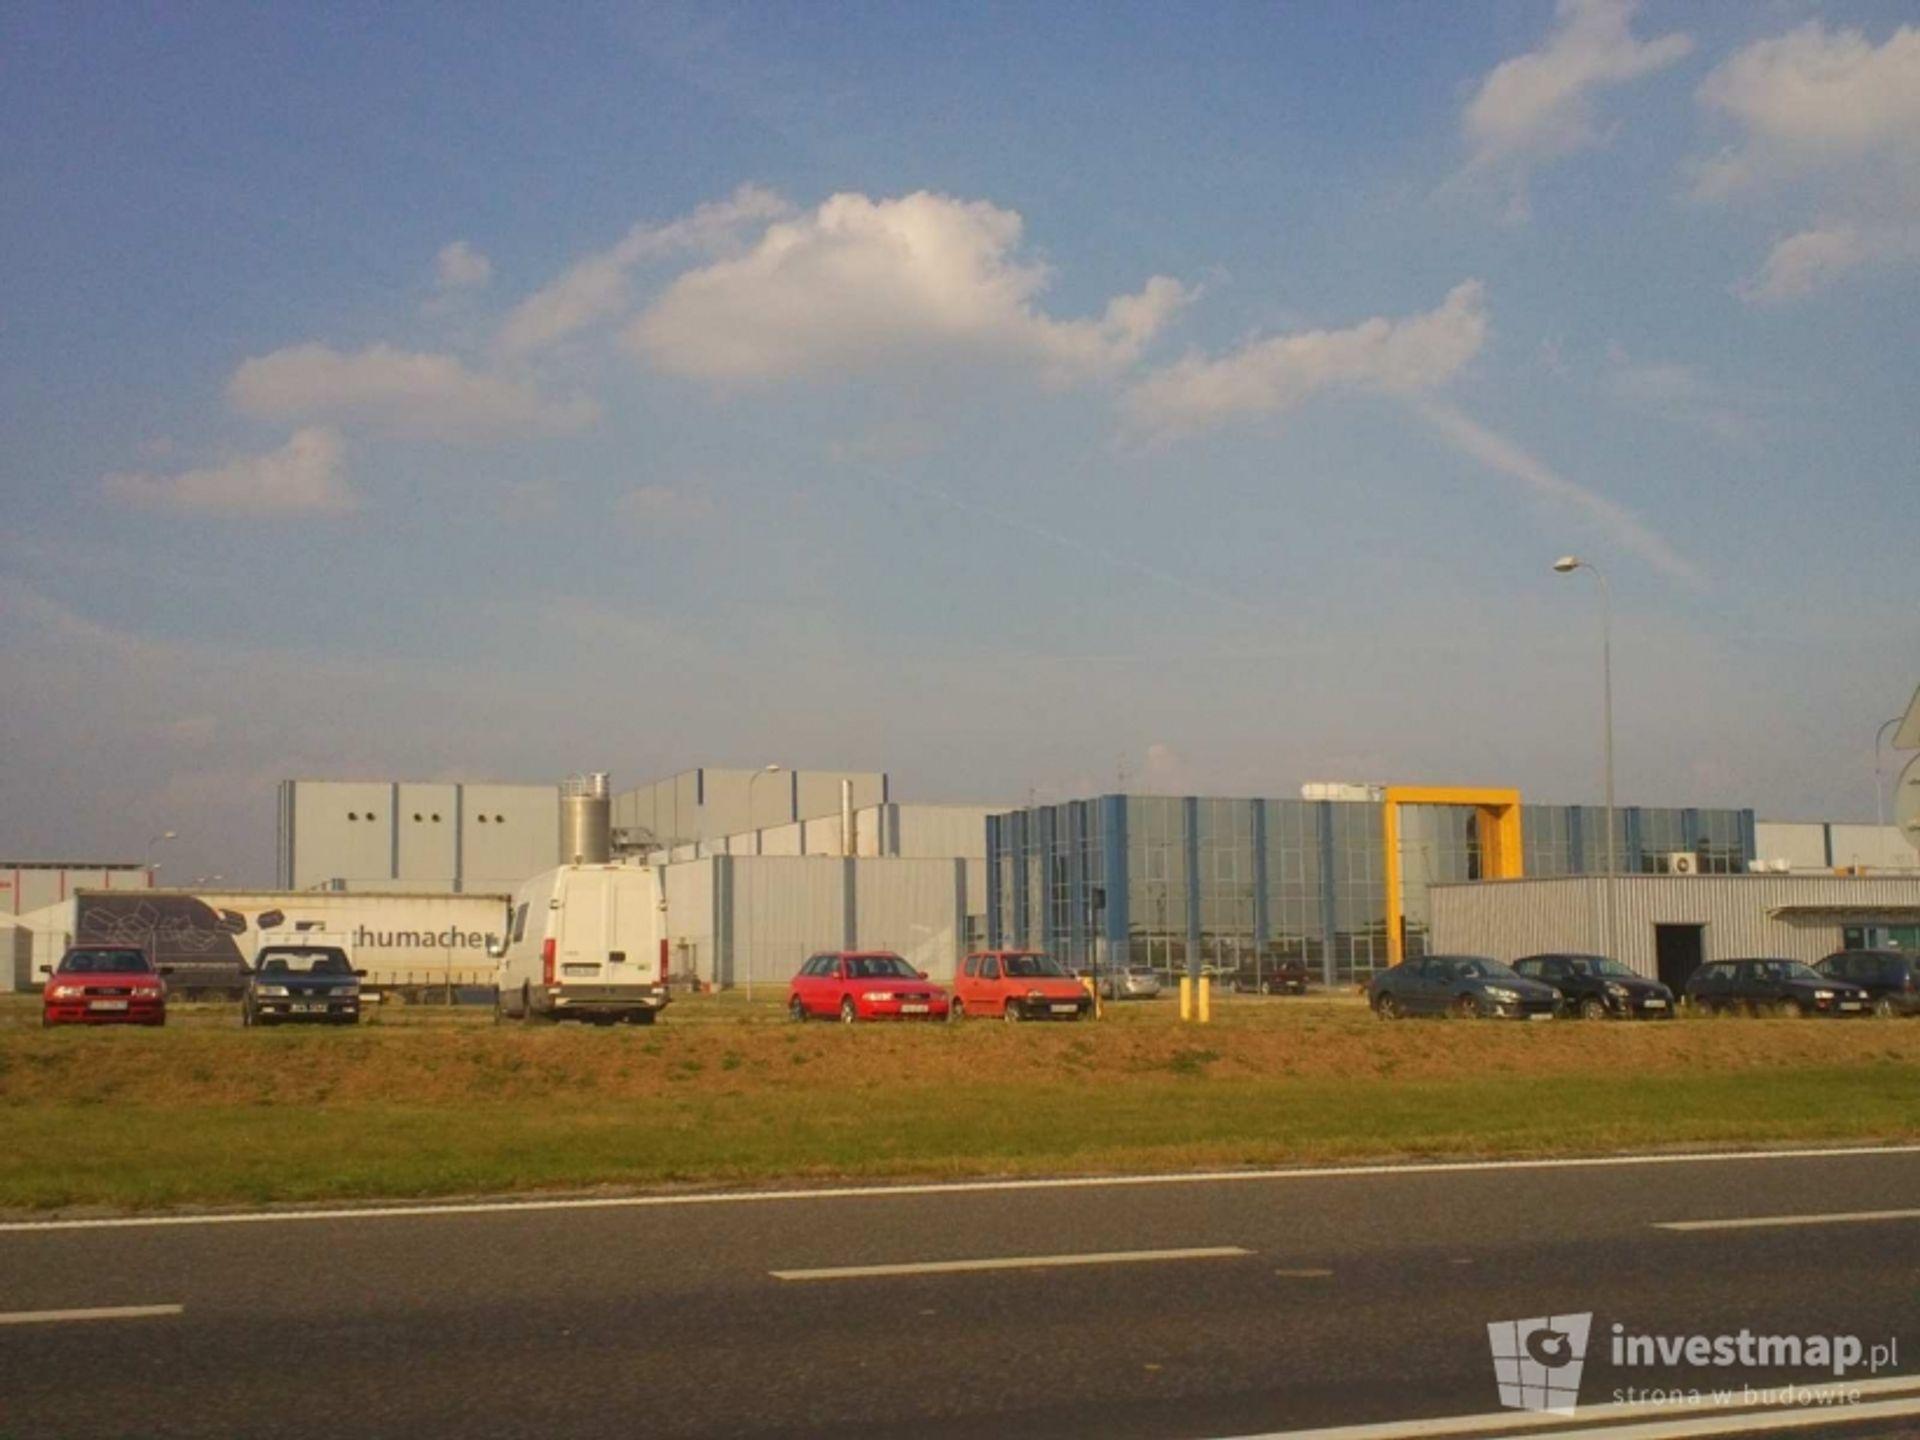 [Aglomeracja Wrocławska] Niemiecki Schumacher Packaging zakończył kolejną rozbudowę fabryki w Krępicach